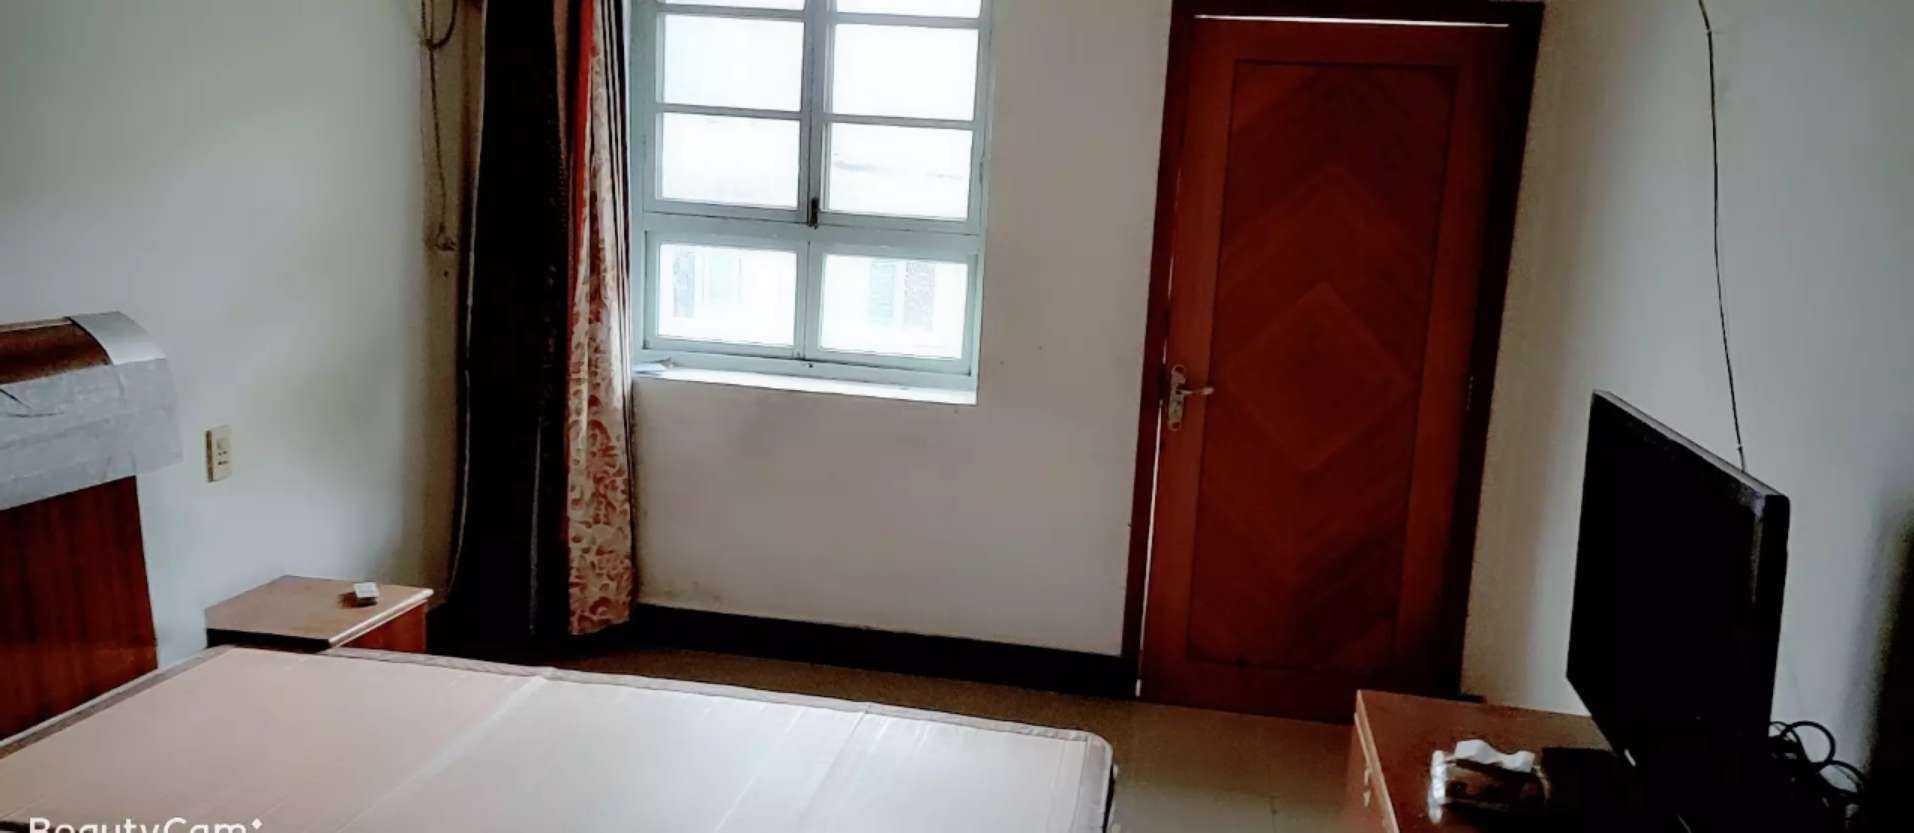 06181出租北直街艺术村3楼(嵊州中学后面),空气好,阳光充足,因为是套房,所以拒绝养宠物,沙发空调齐全,55平方的实拍照片